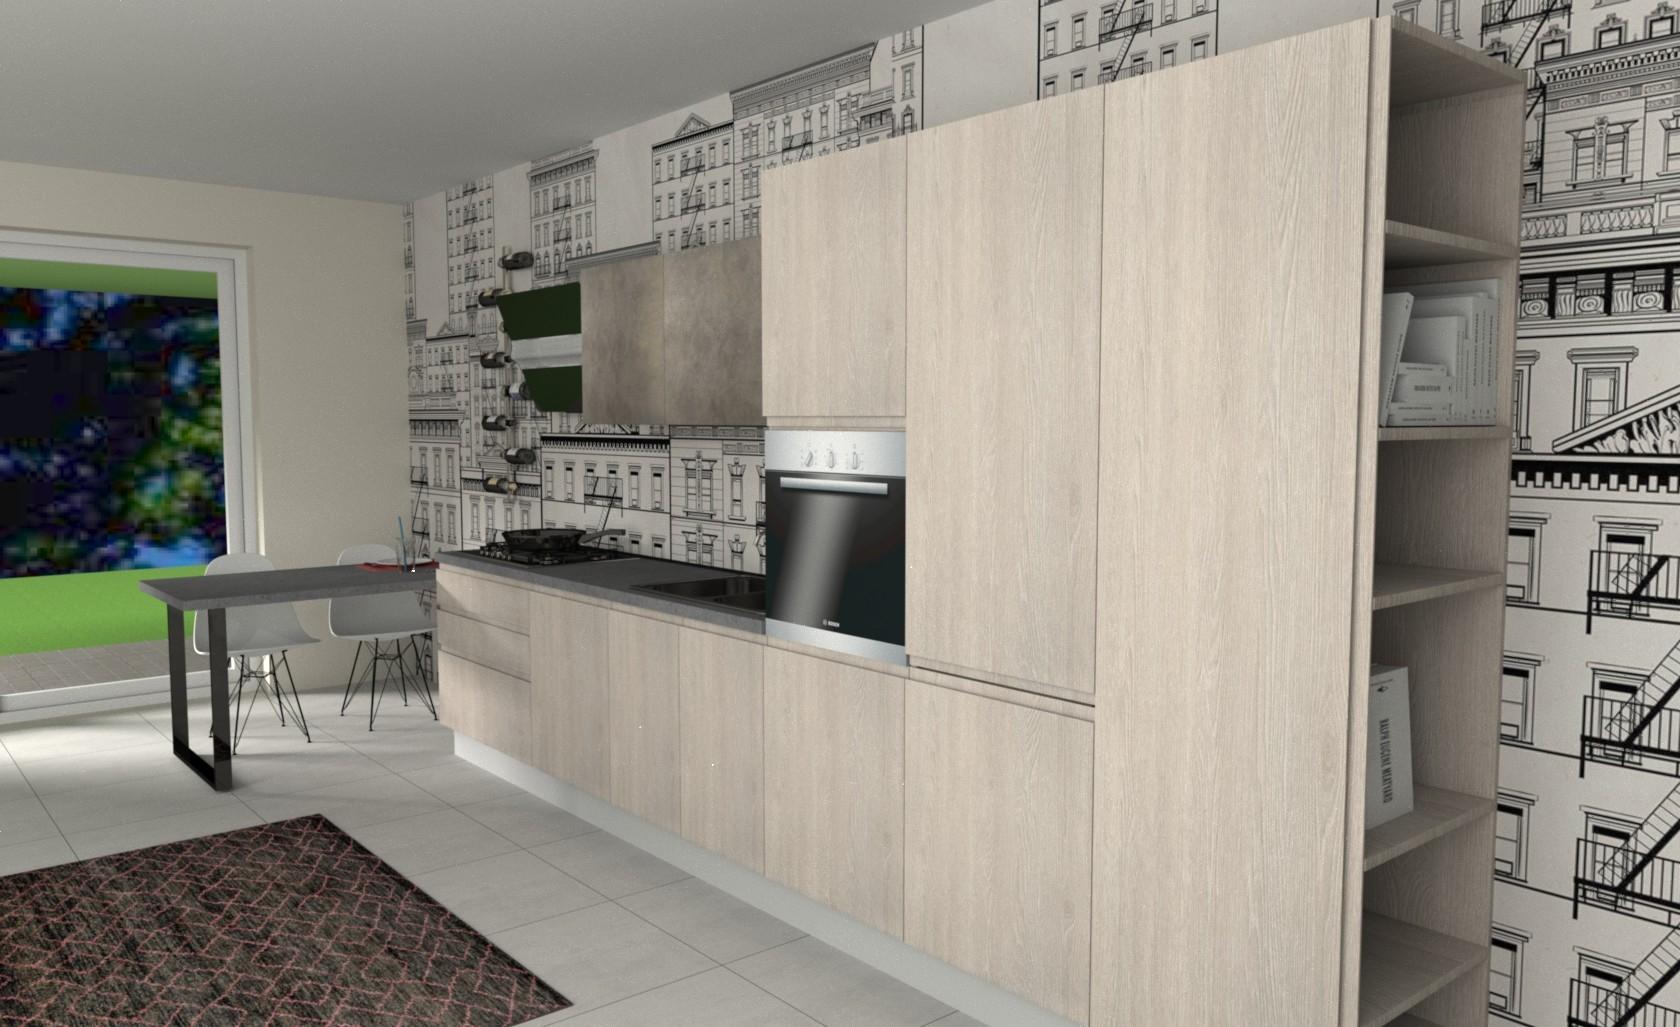 Cucina berloni cucine brera scontato del 50 cucine a - Cucine moderne berloni prezzi ...